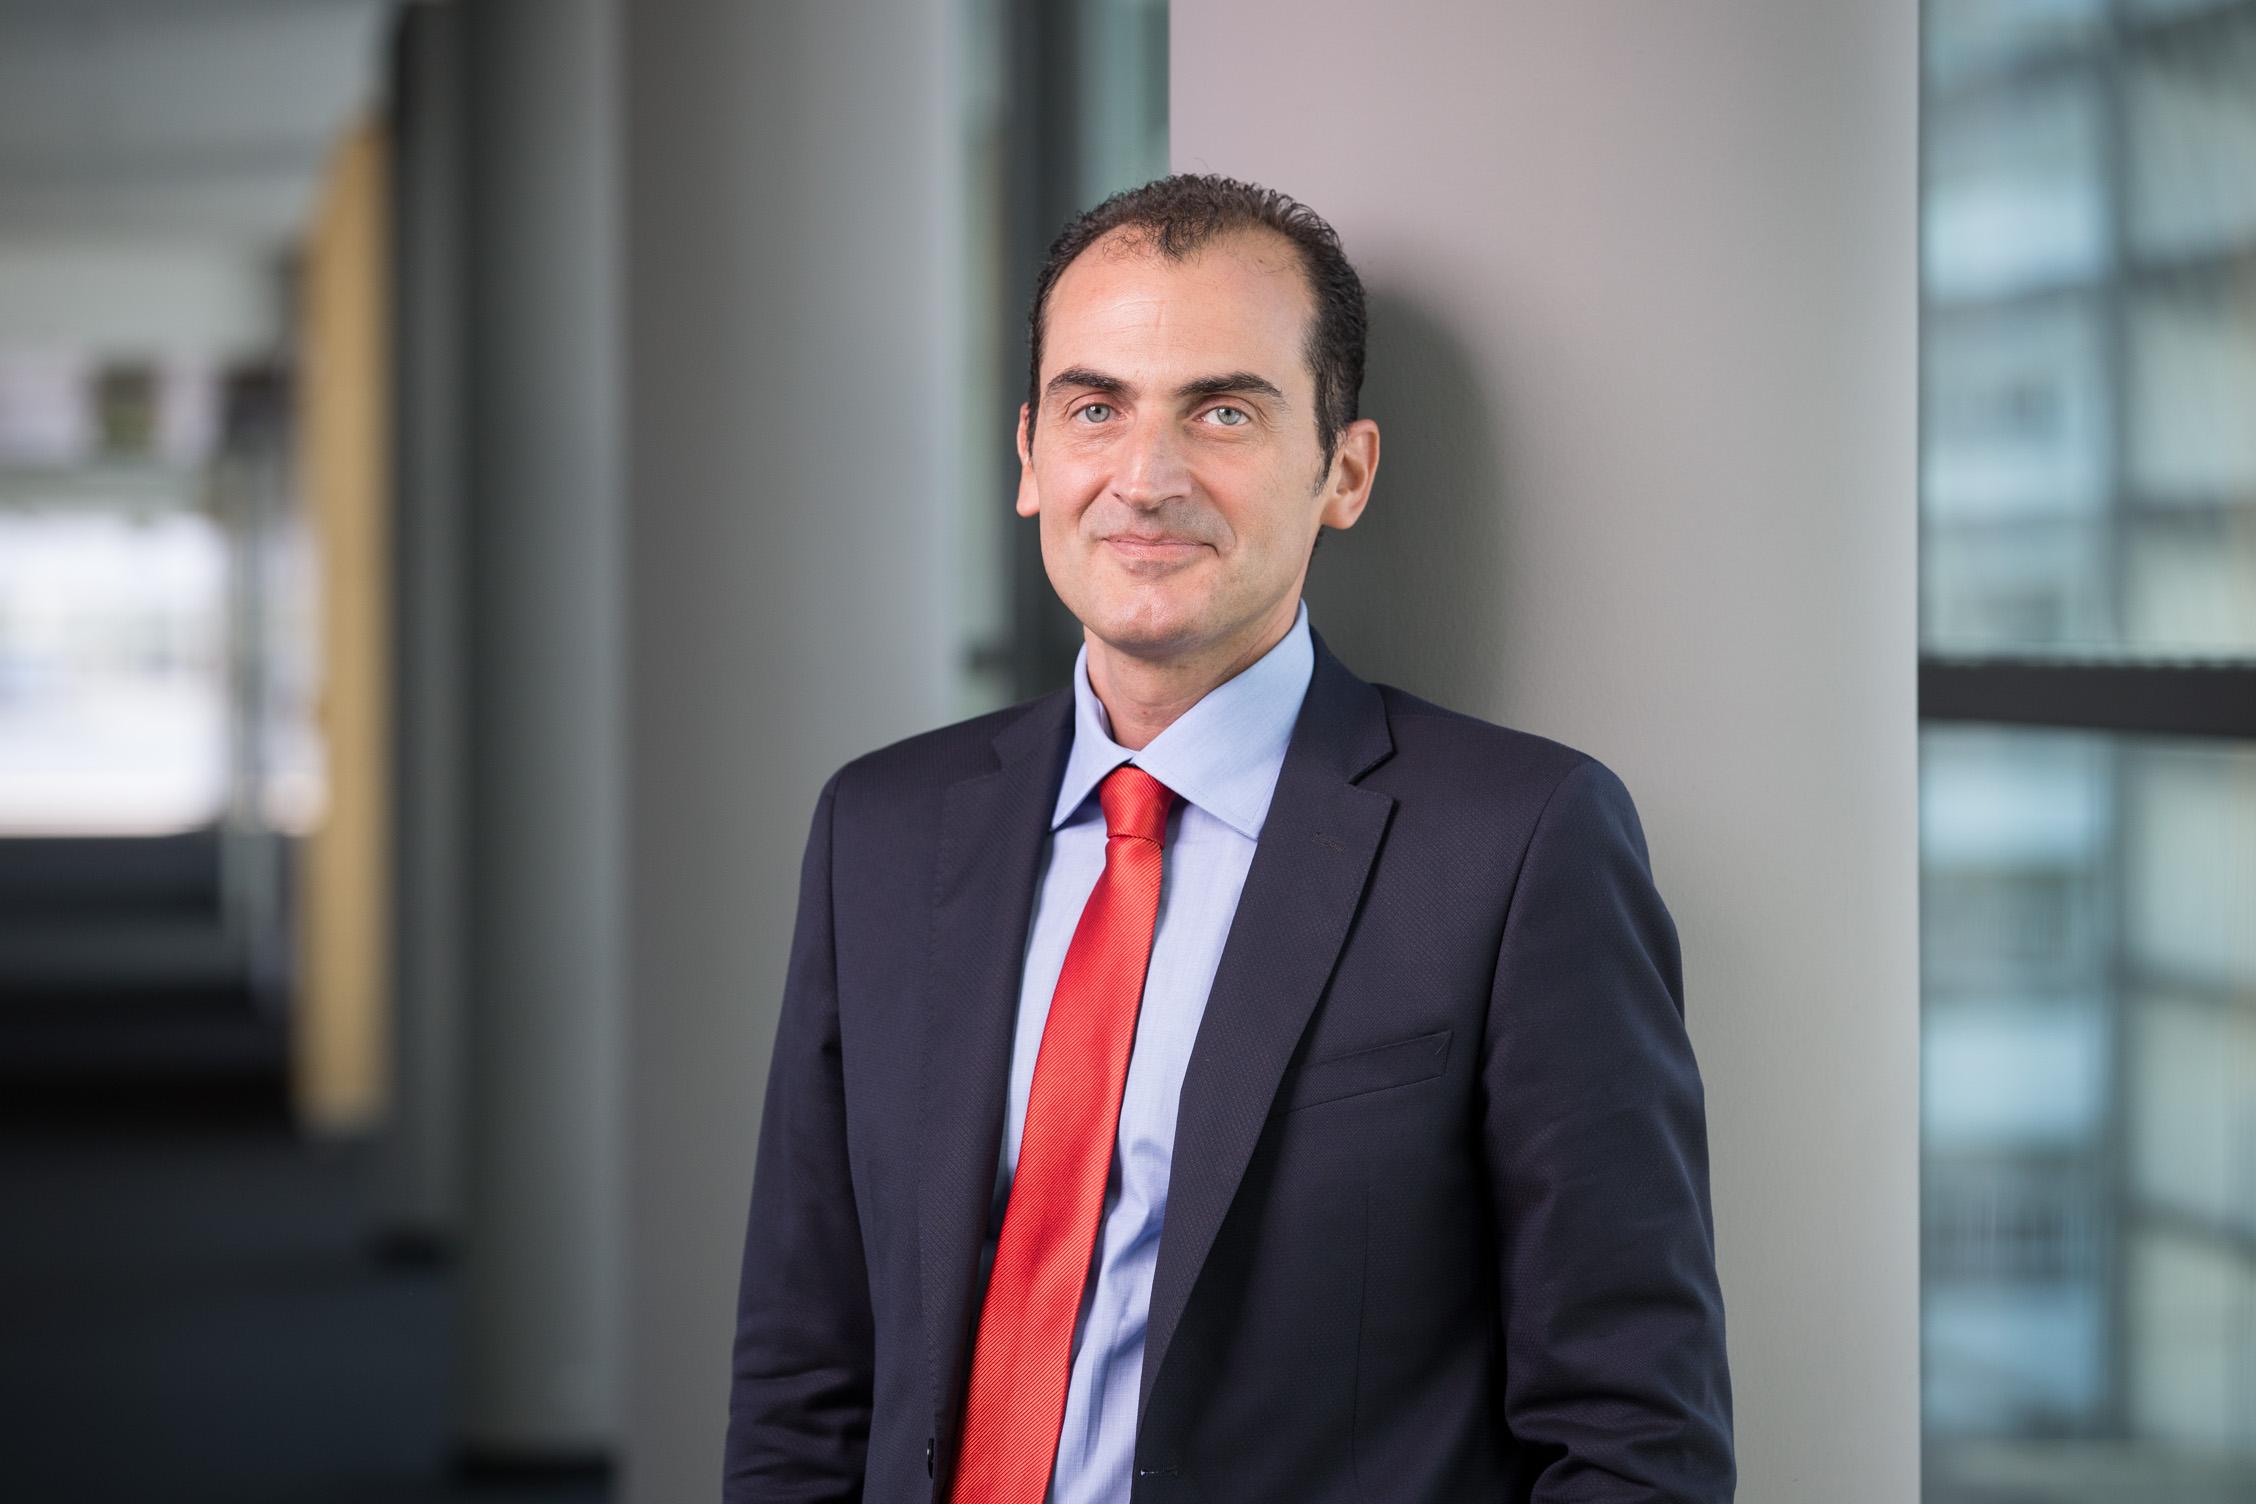 Vincenzo Reina, Autor des Artikels über Generali und IoT.